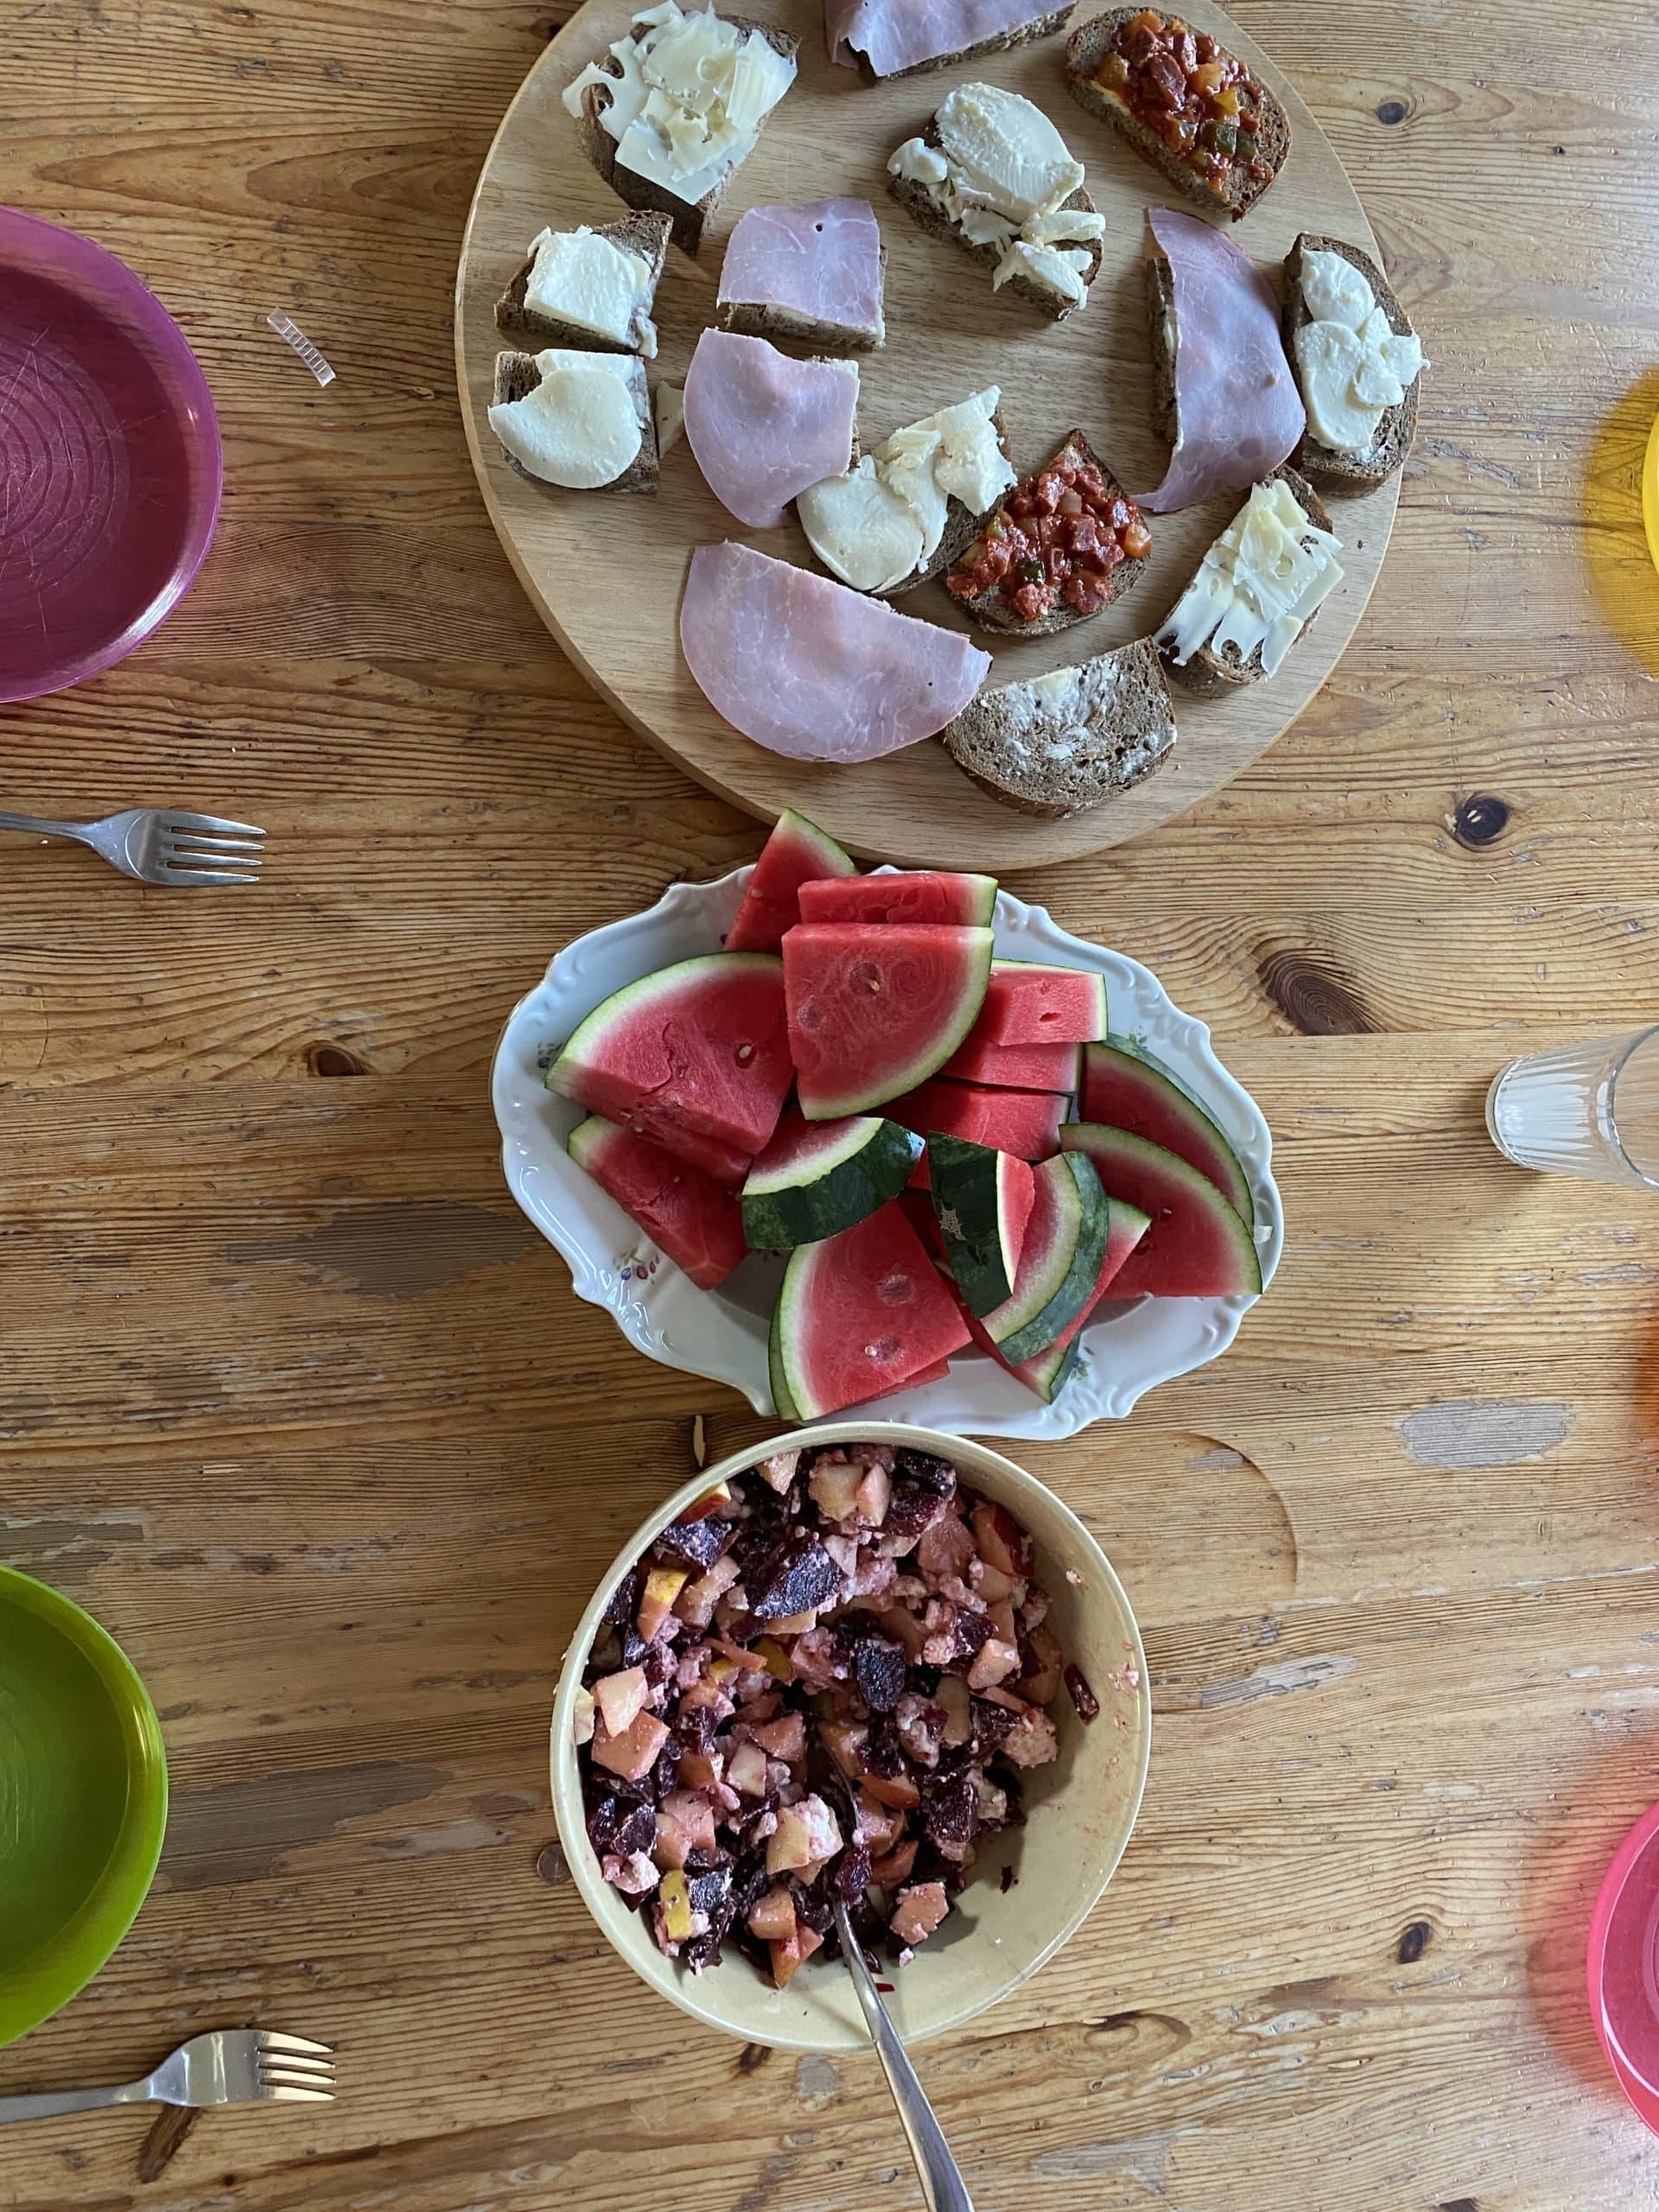 #8 Das Abendbrot ist wieder simpel und die Kinder mögen es: Stulle mit Brot, Melone und Feta-Apfel-Rote-Beete-Salat